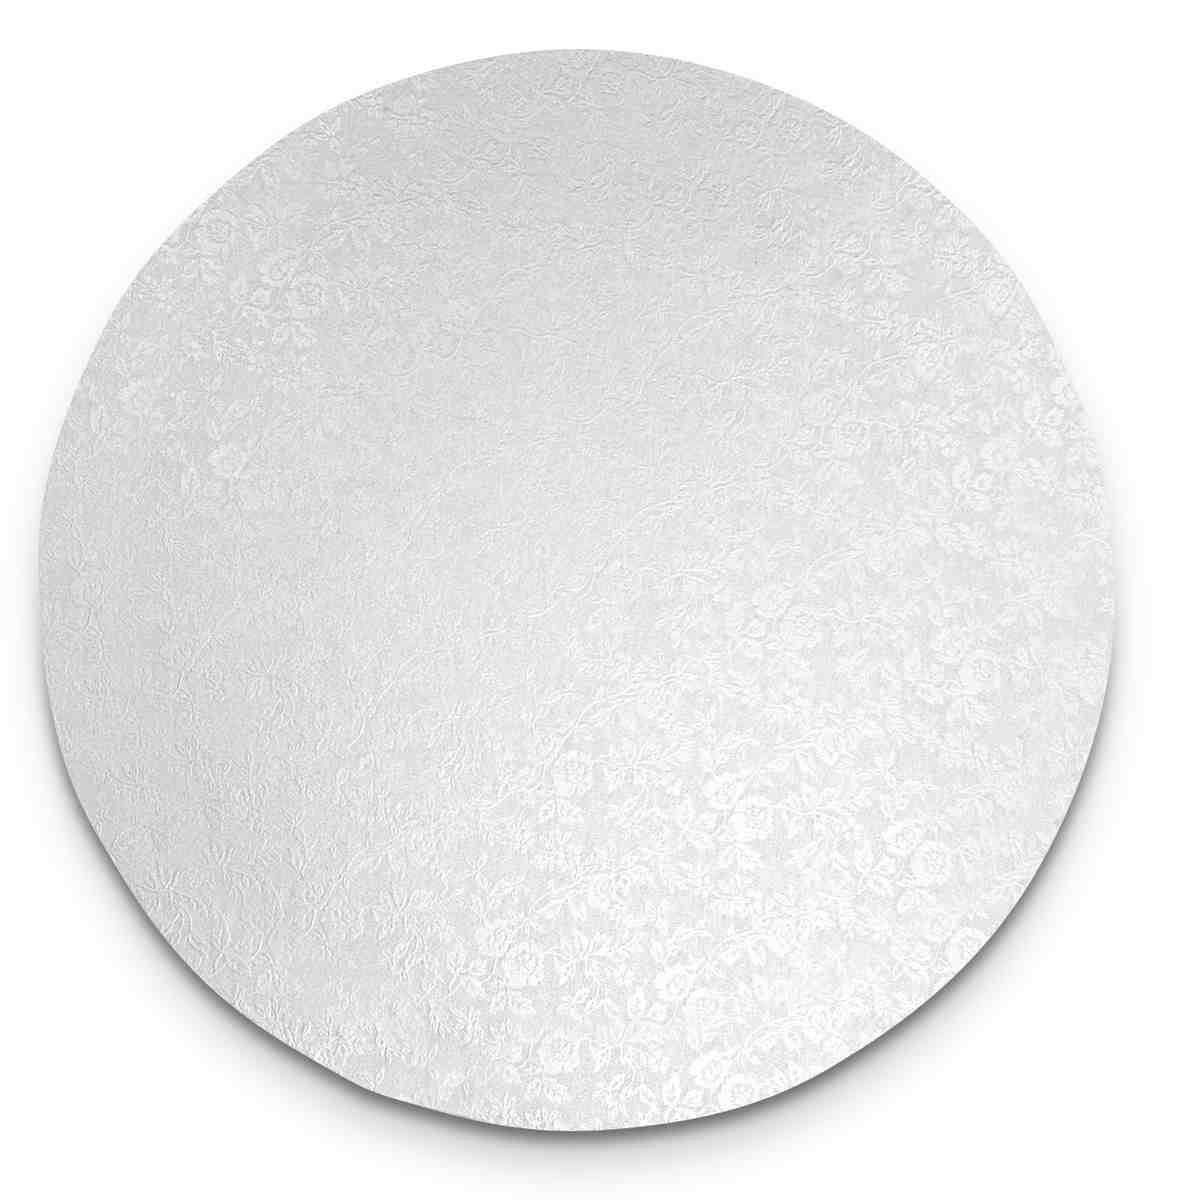 Städter 900028, Cake Board, bandeja redonda para tartas, Plástico, Blanco, 30 x 30 x 1.2 cm: Amazon.es: Hogar